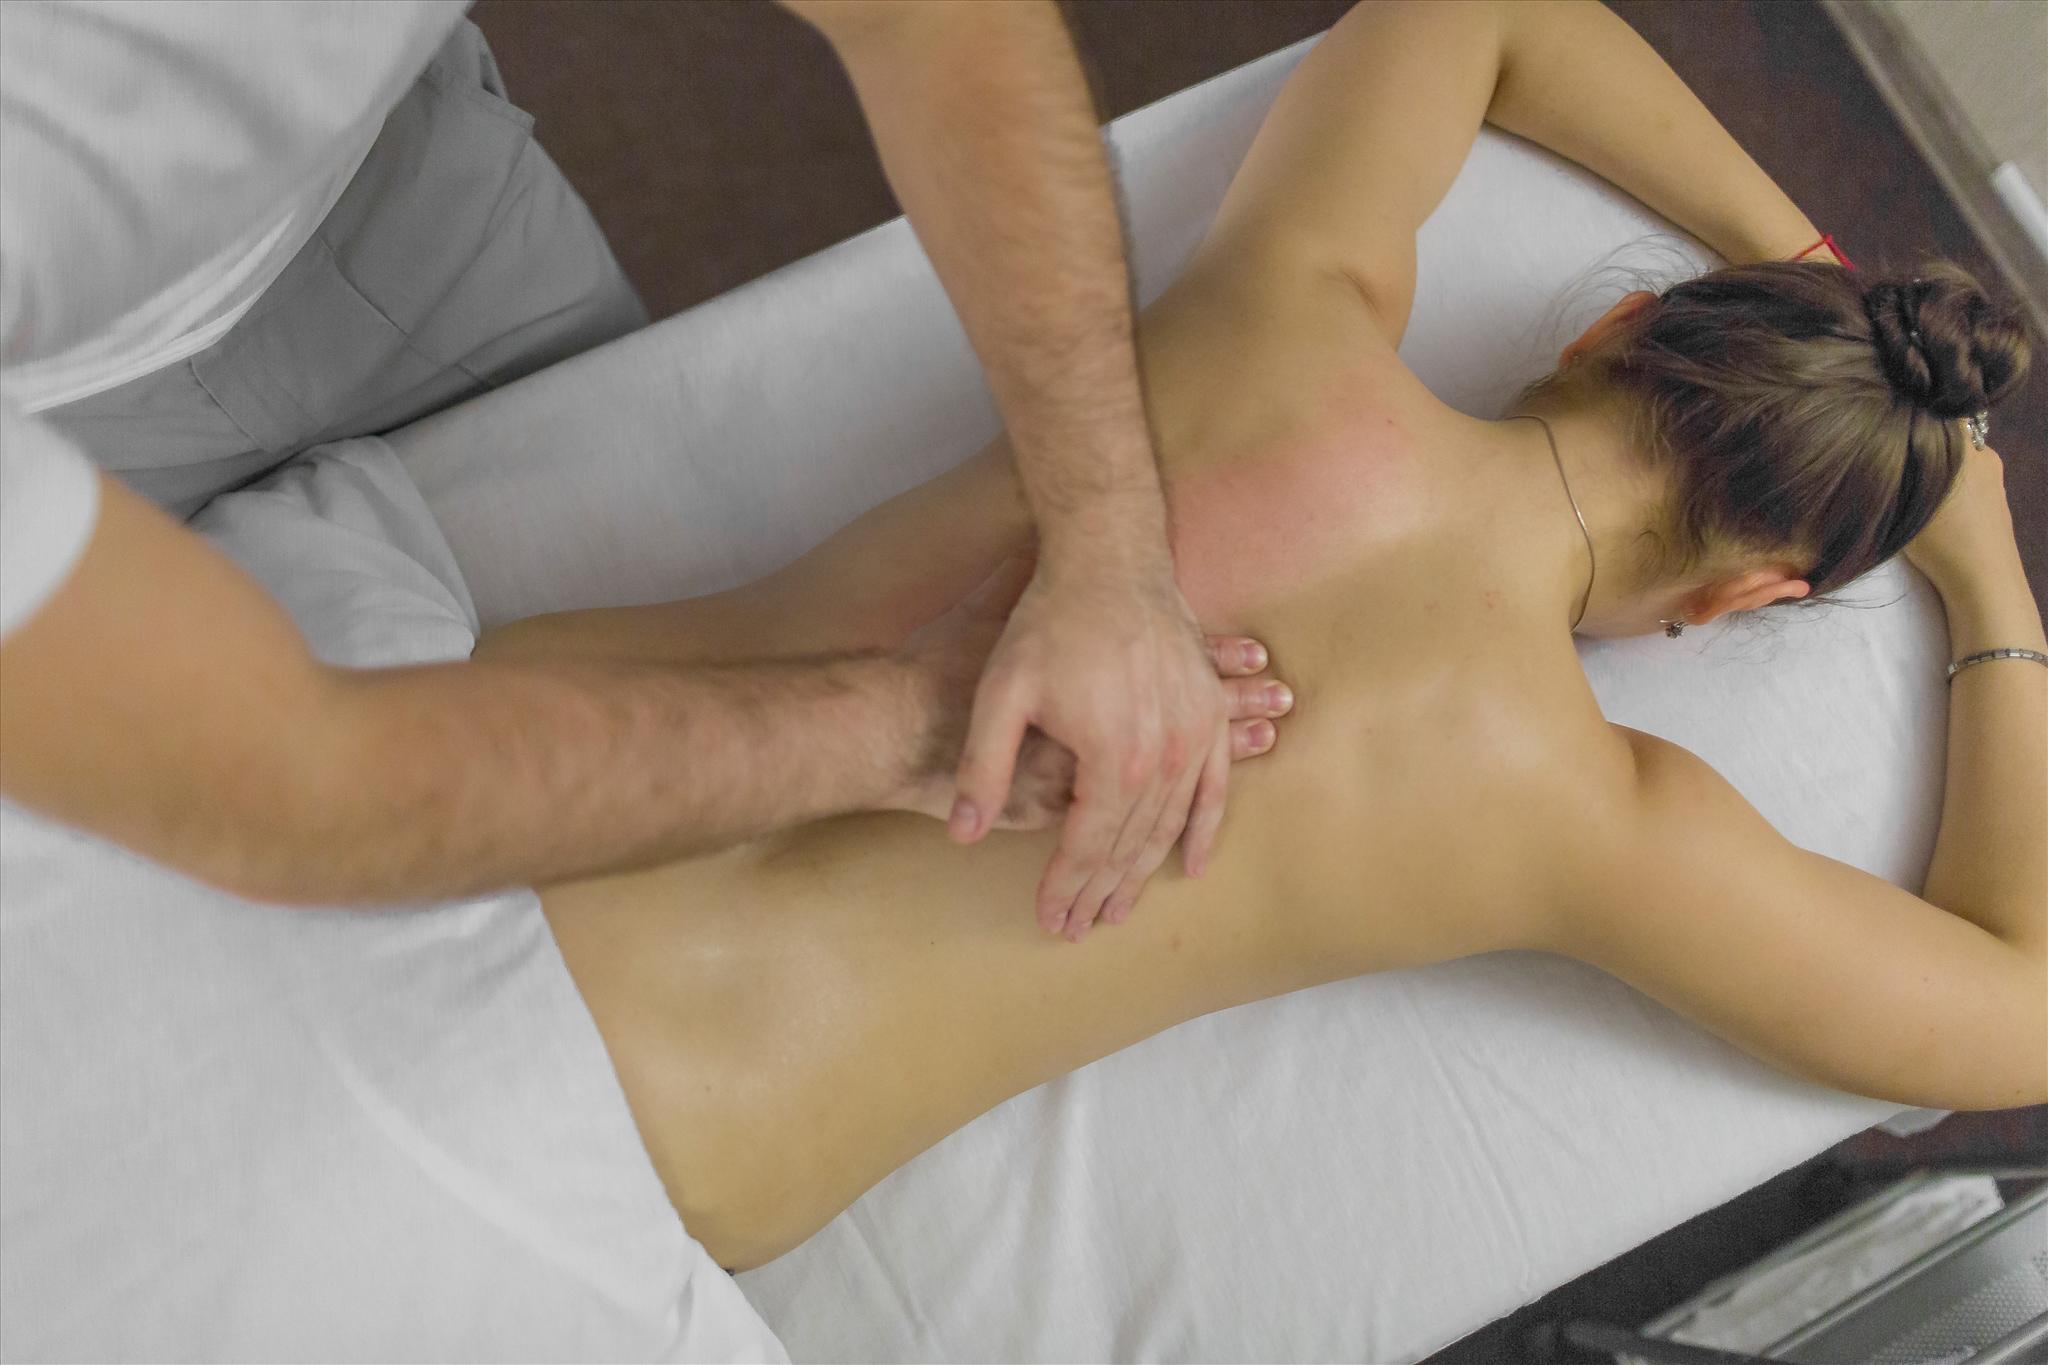 Сделал масаж и трахнул, Порно Массаж -видео. Смотреть порно онлайн! 7 фотография